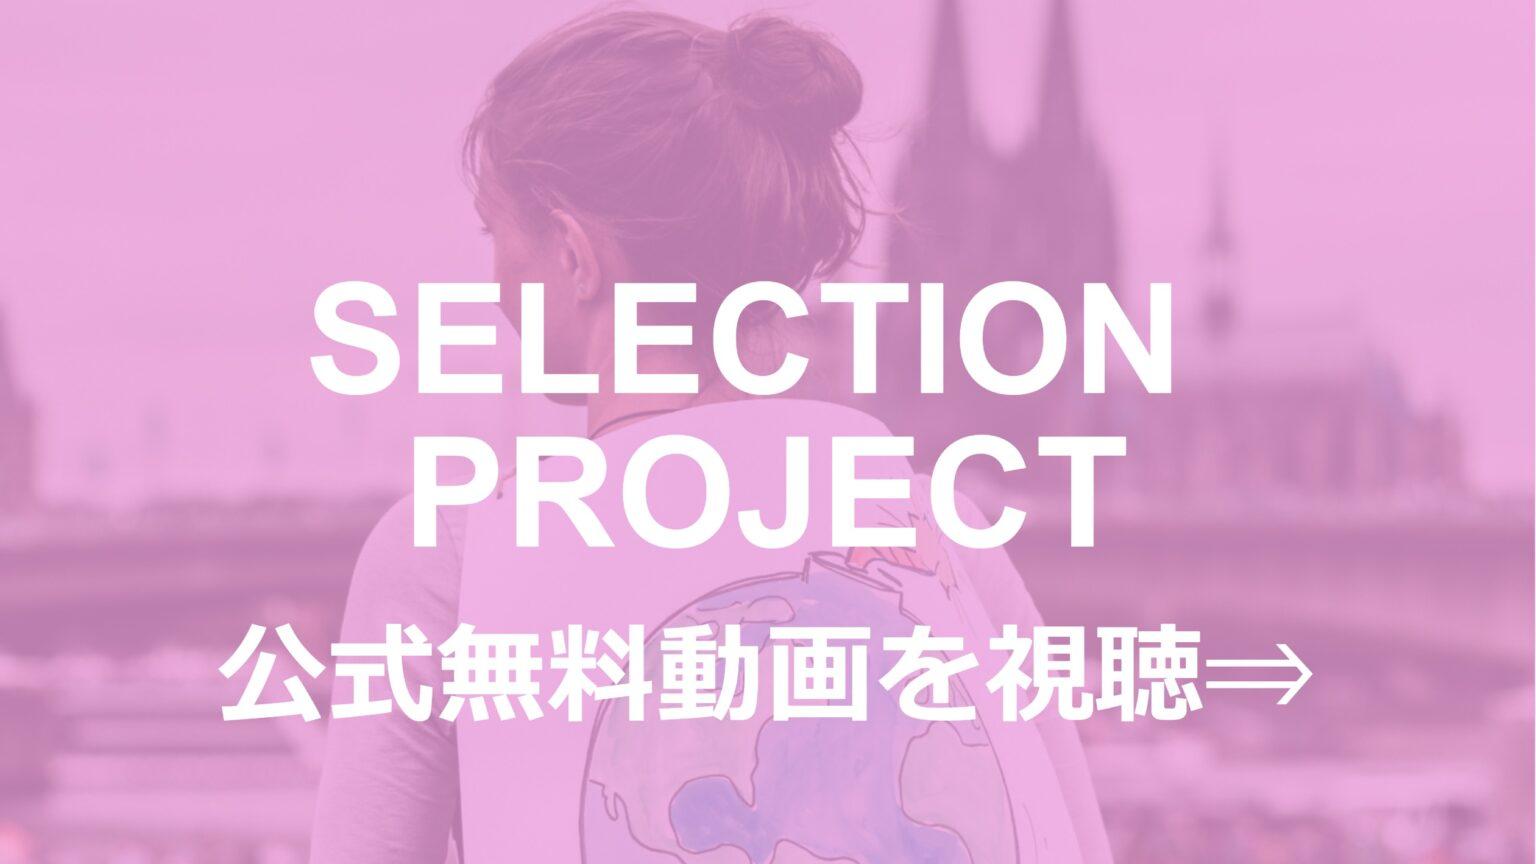 アニメ「SELECTION PROJECT」無料フル動画を1話~全話視聴できる公式配信サービスまとめ!